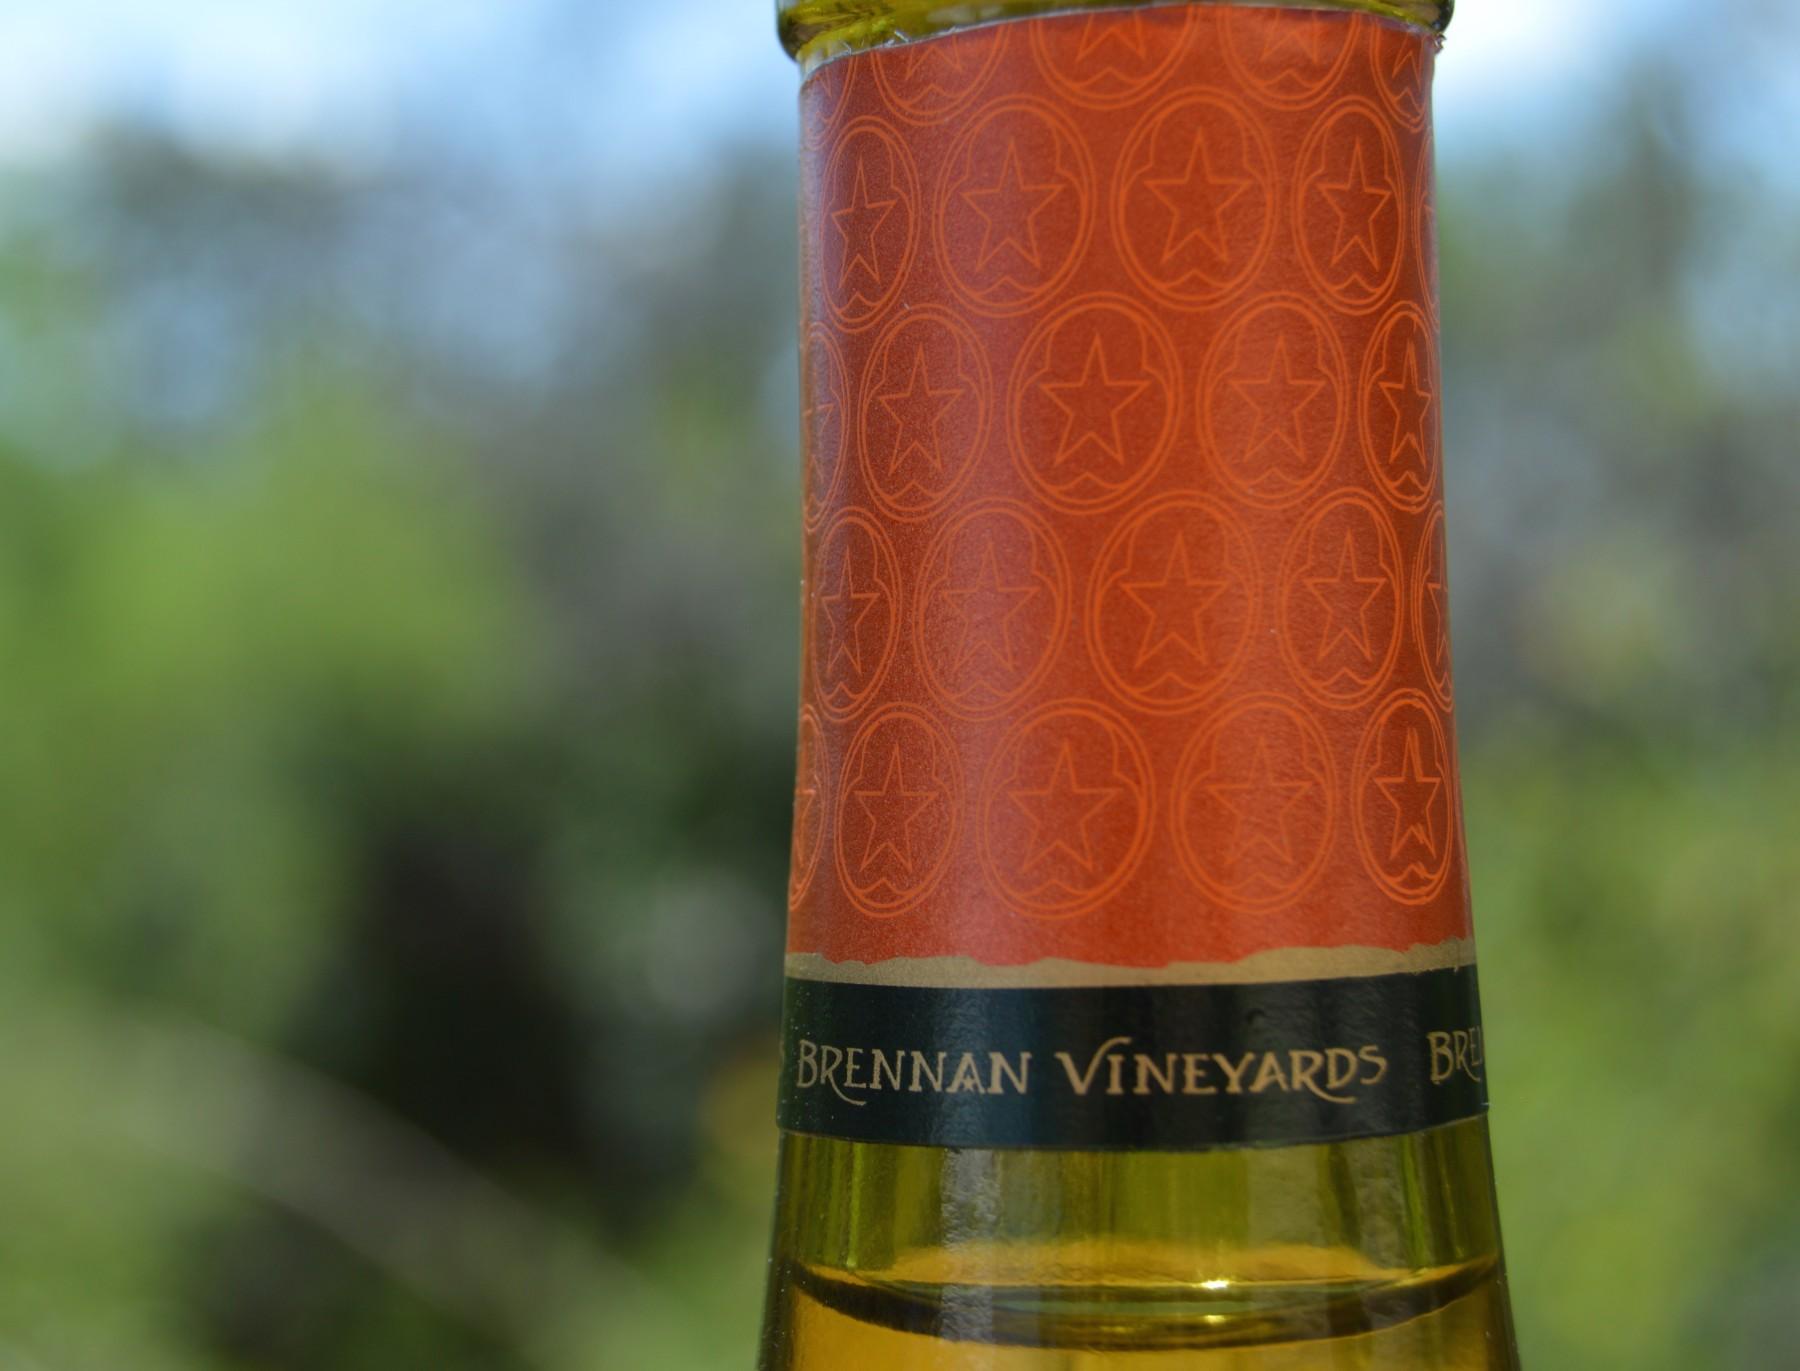 Brennan Vineyards Viognier foil capsule